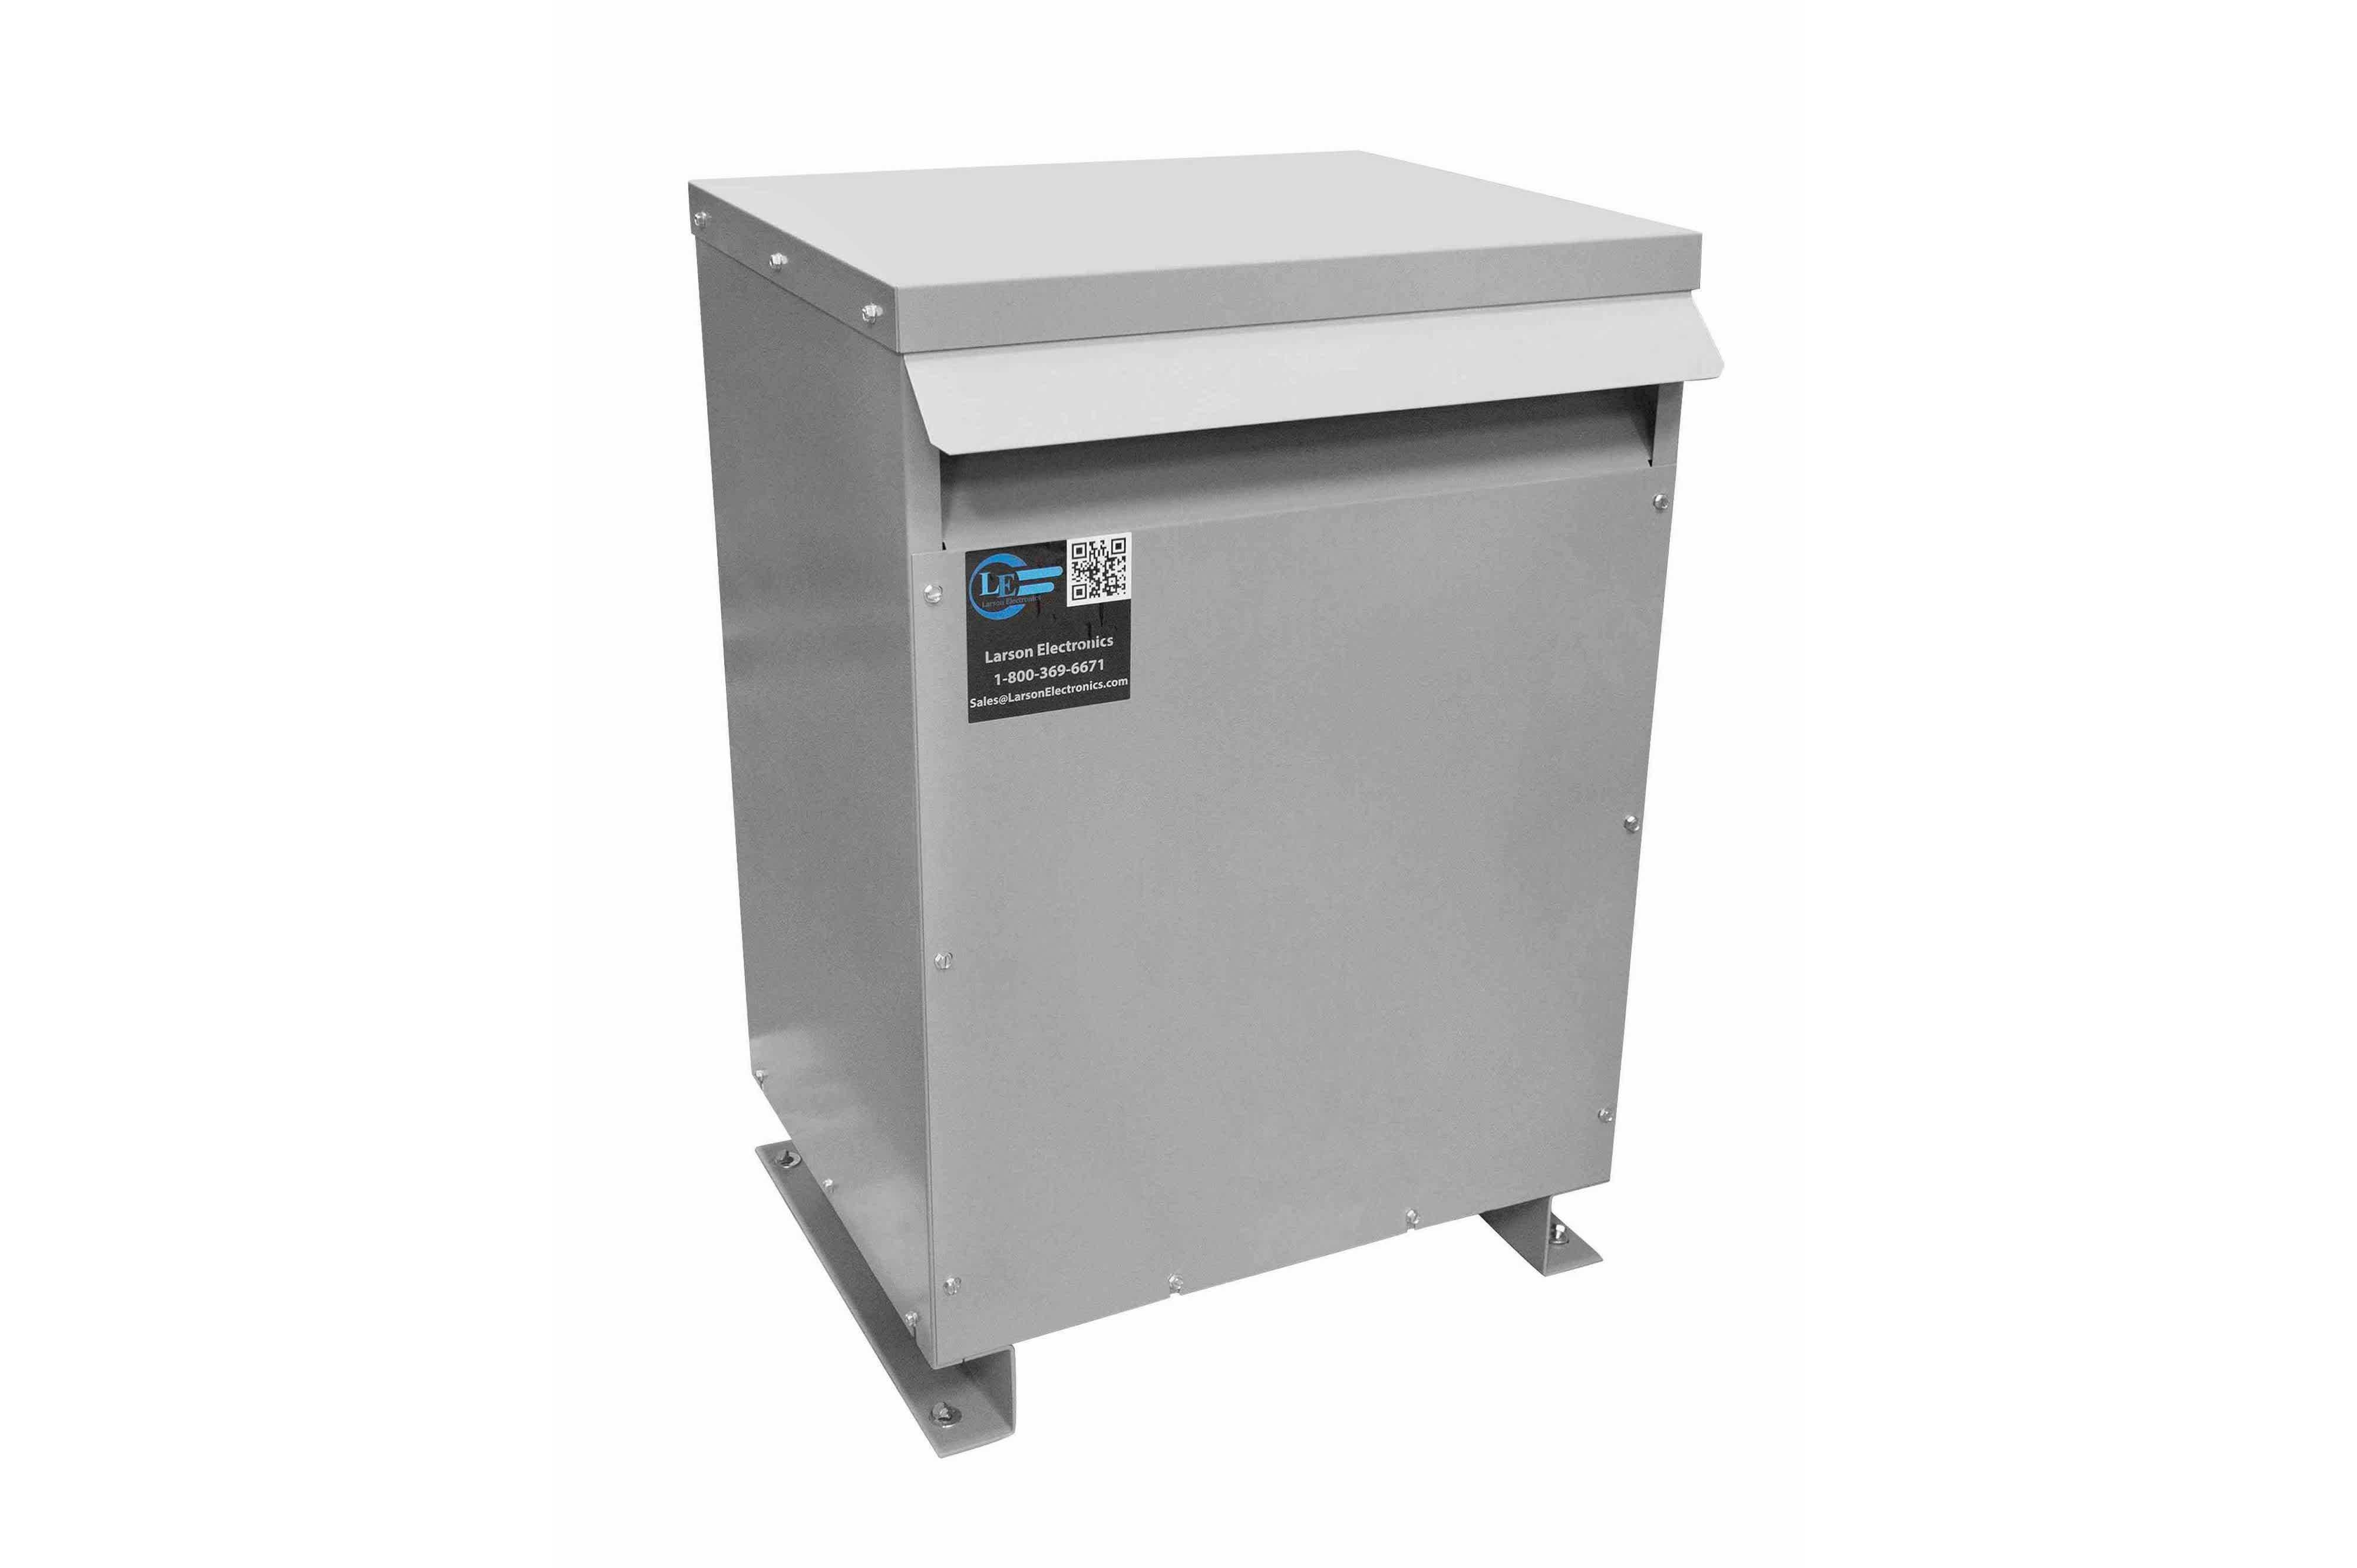 26 kVA 3PH Isolation Transformer, 480V Delta Primary, 240 Delta Secondary, N3R, Ventilated, 60 Hz